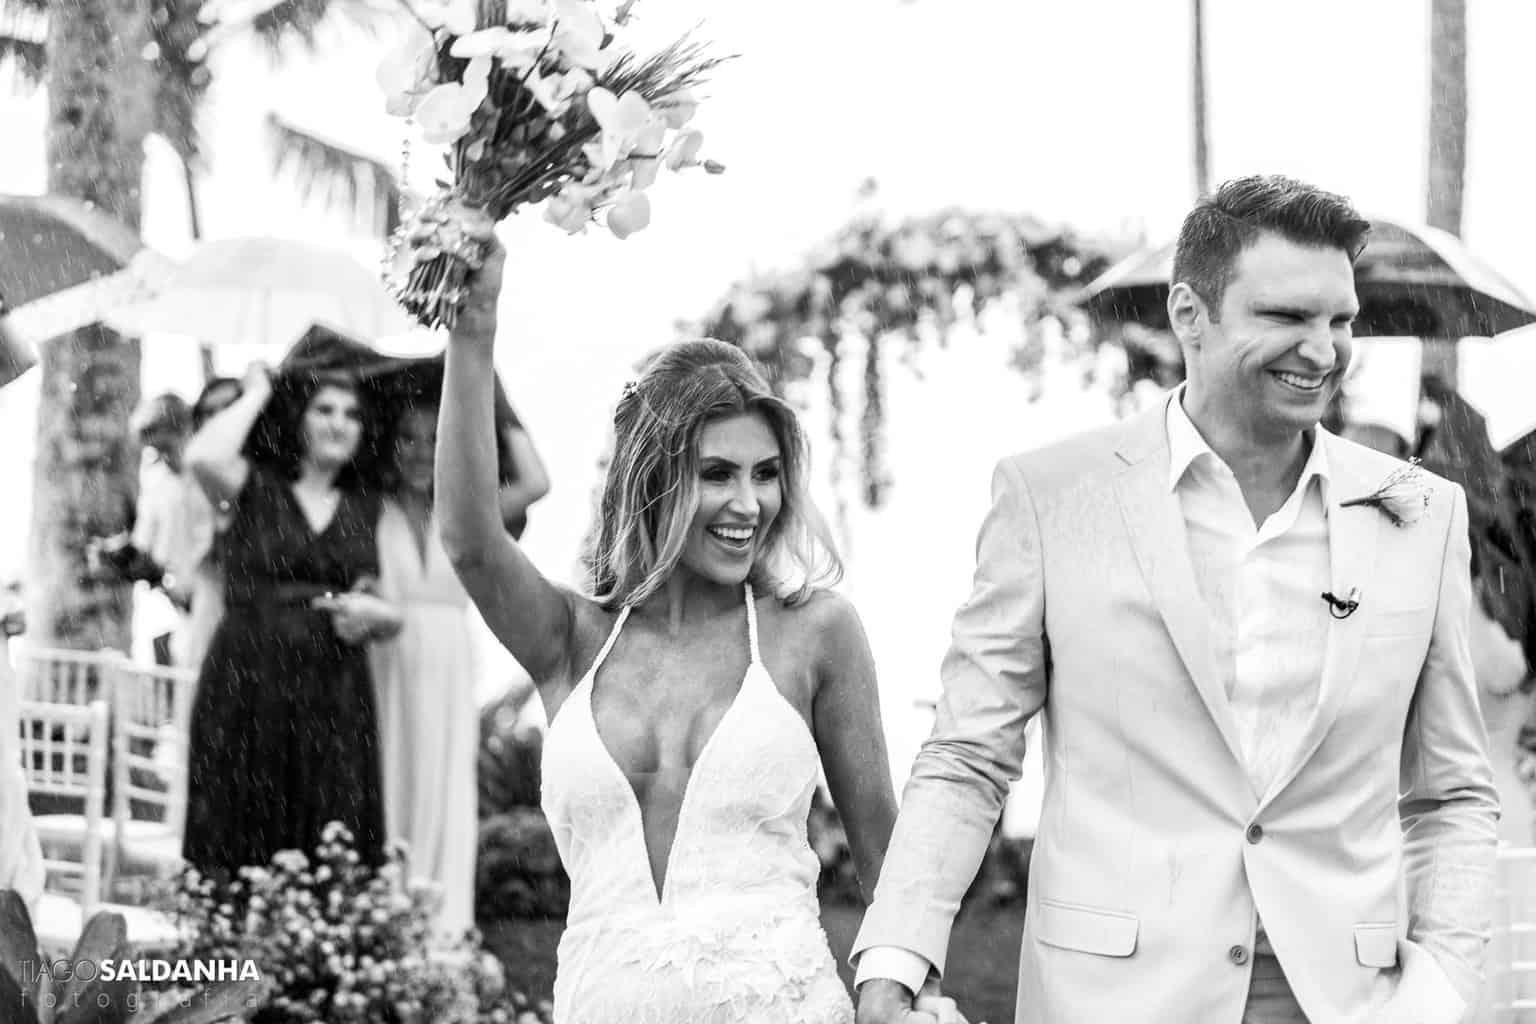 Aliança-no-Espelho-Casamento-Chandrélin-e-Laureano-cerimonia-na-praia-cerimonia-no-jardim-Chan-e-Lau-Rio-da-Barra26